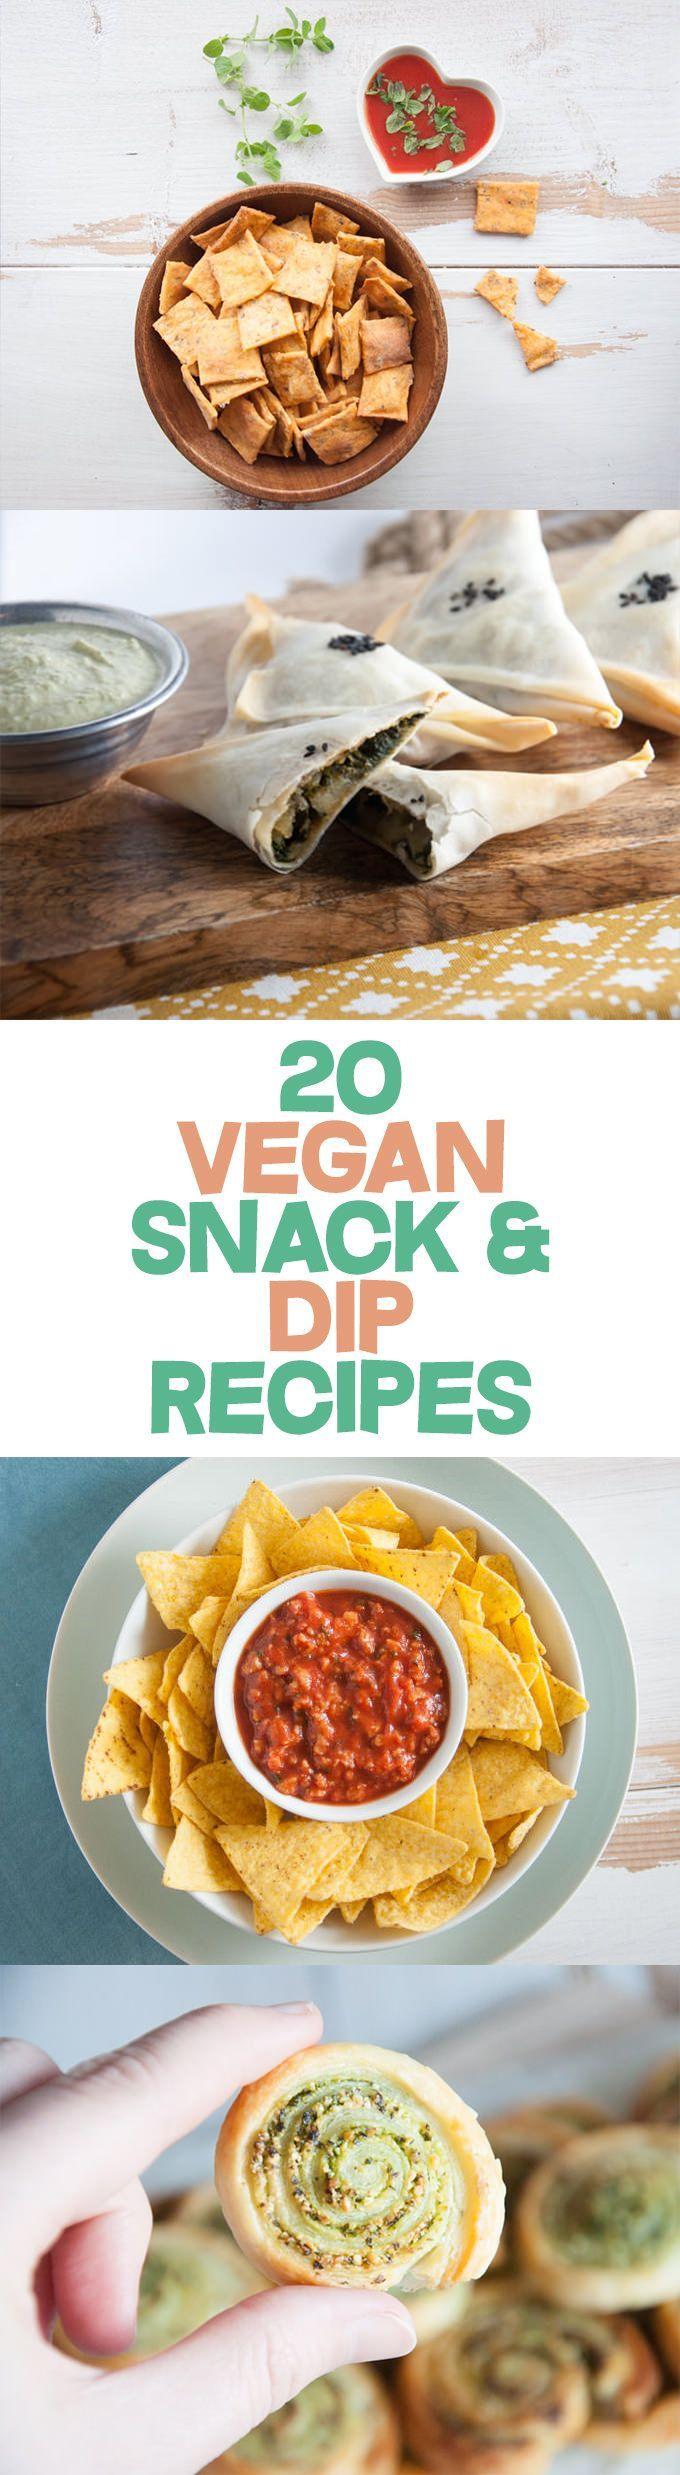 20 Vegan Snack And Dip Recipes   http://ElephantasticVegan.com